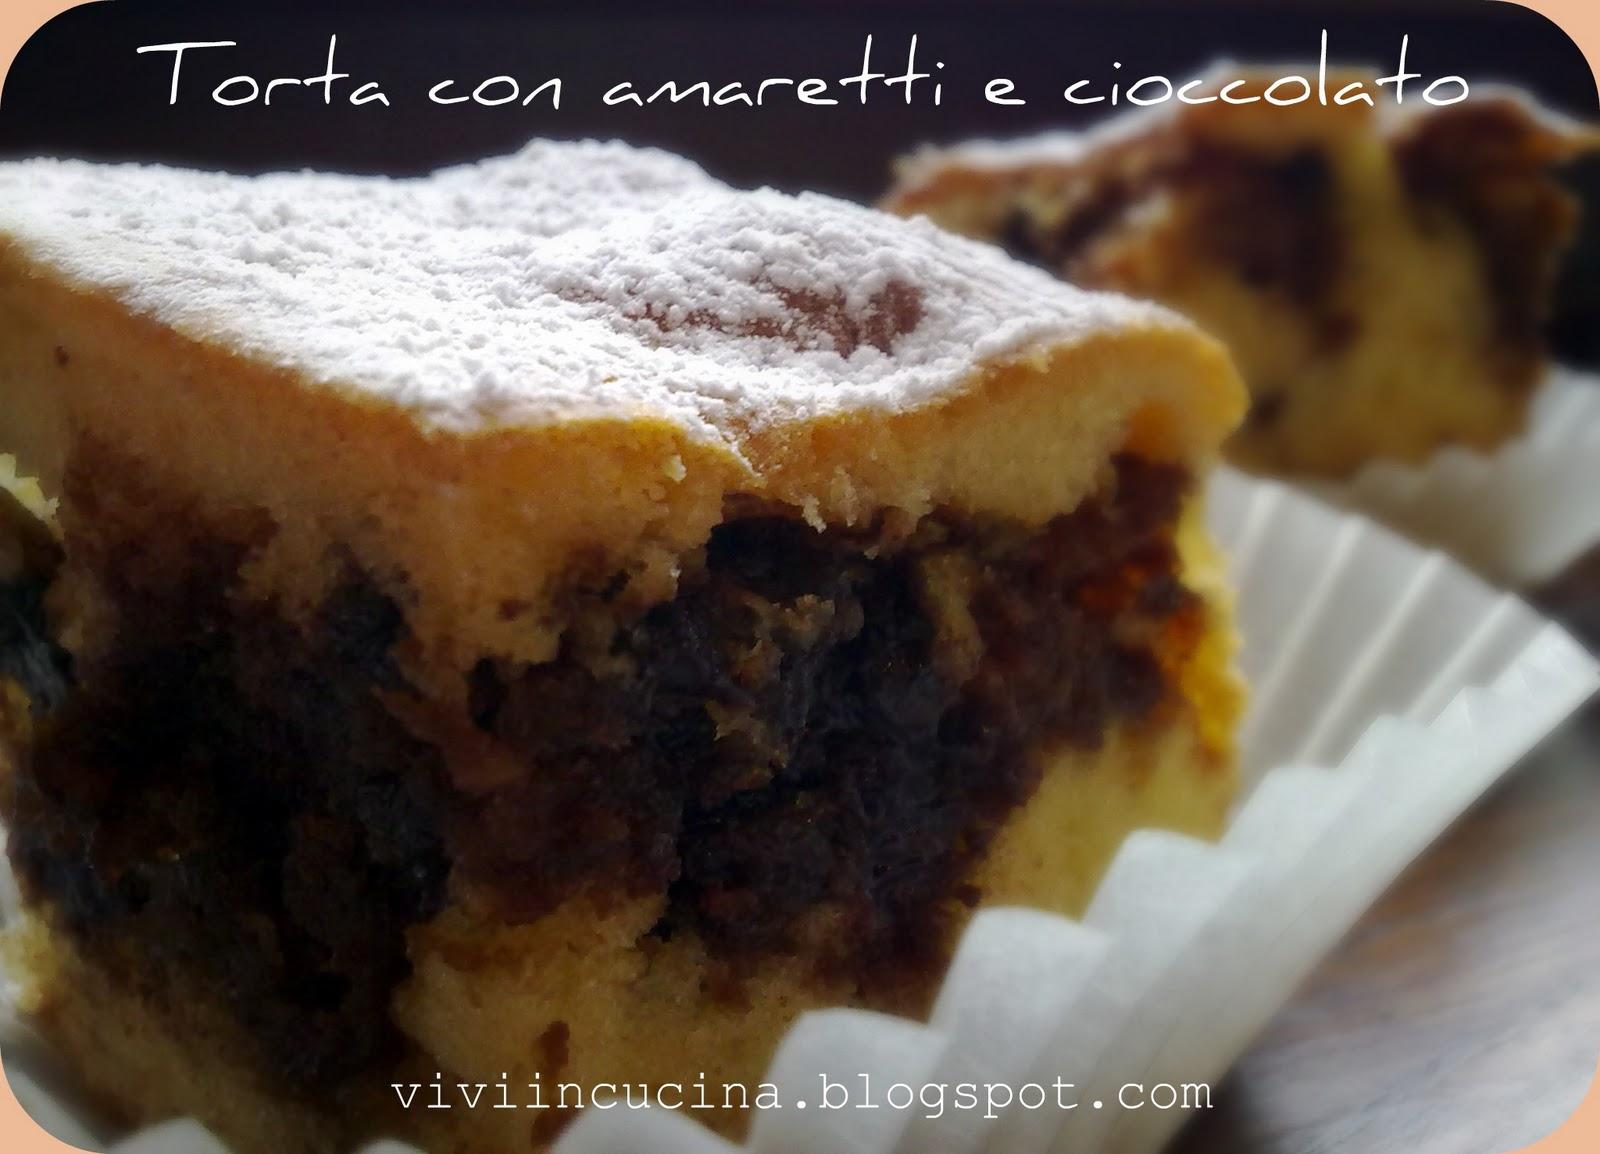 Vivi In Cucina Torta Con Amaretti Imbevuti E Cioccolato